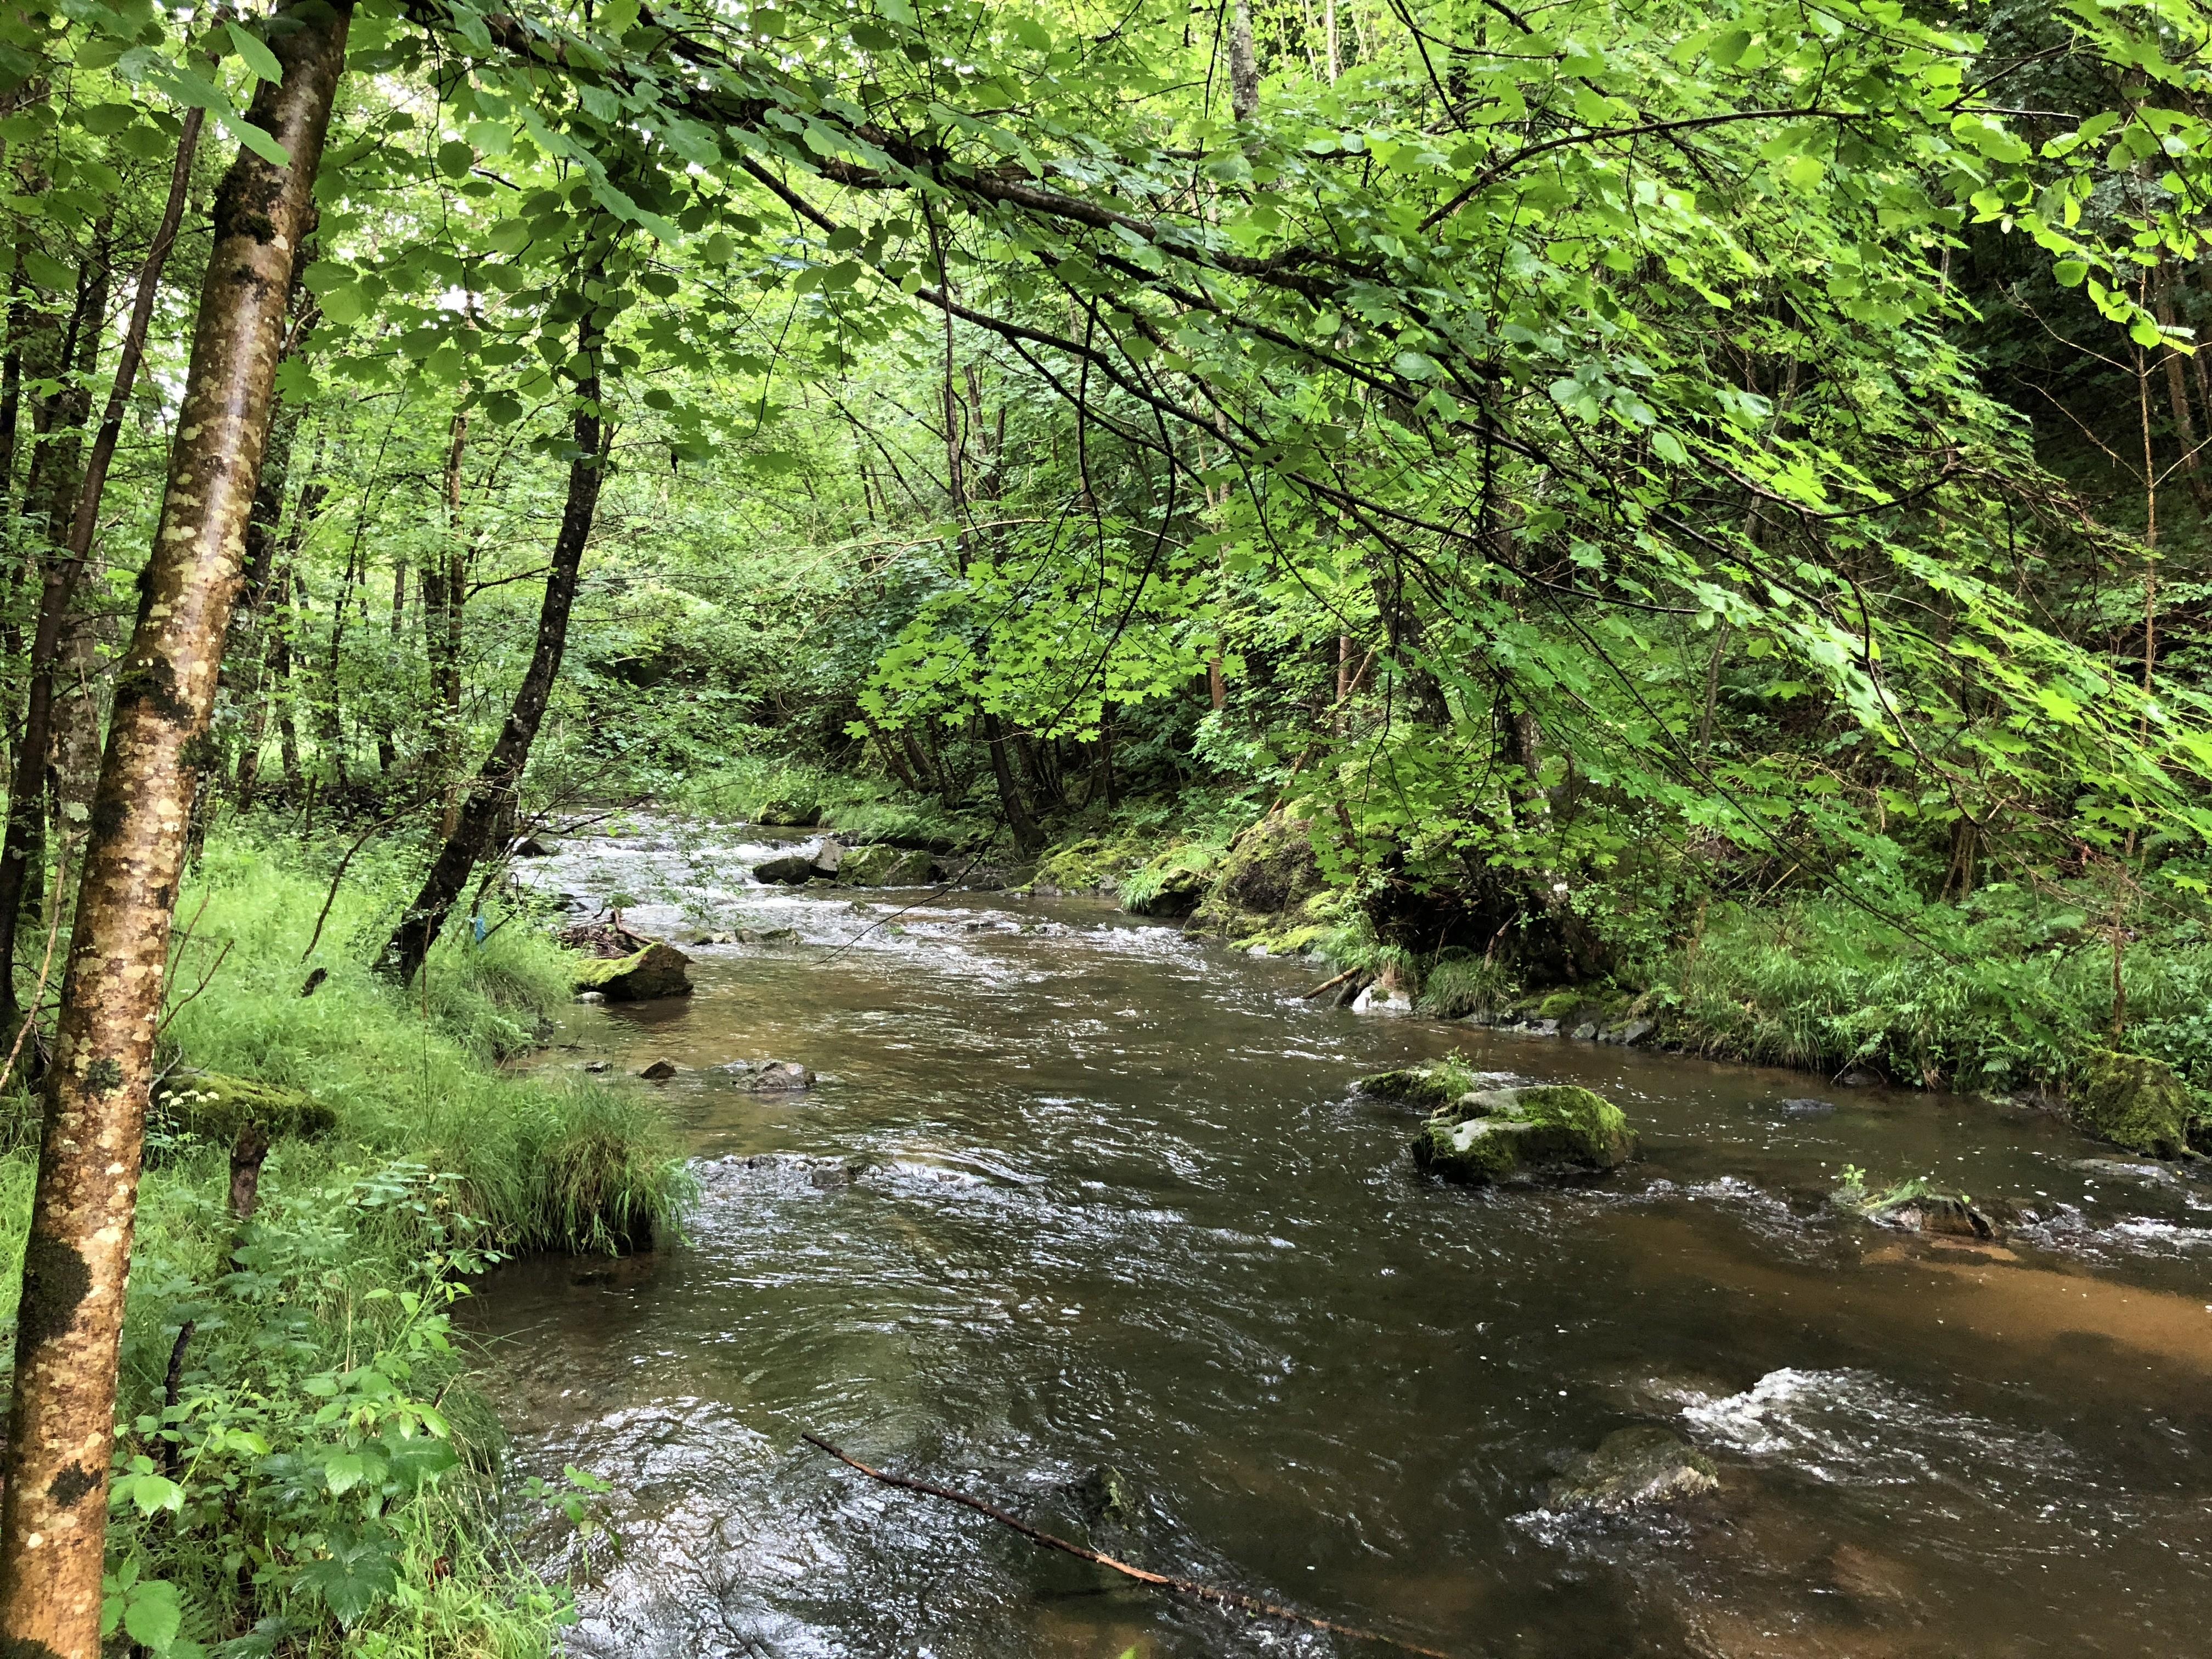 Près du confluent du ruisseau de Tracol